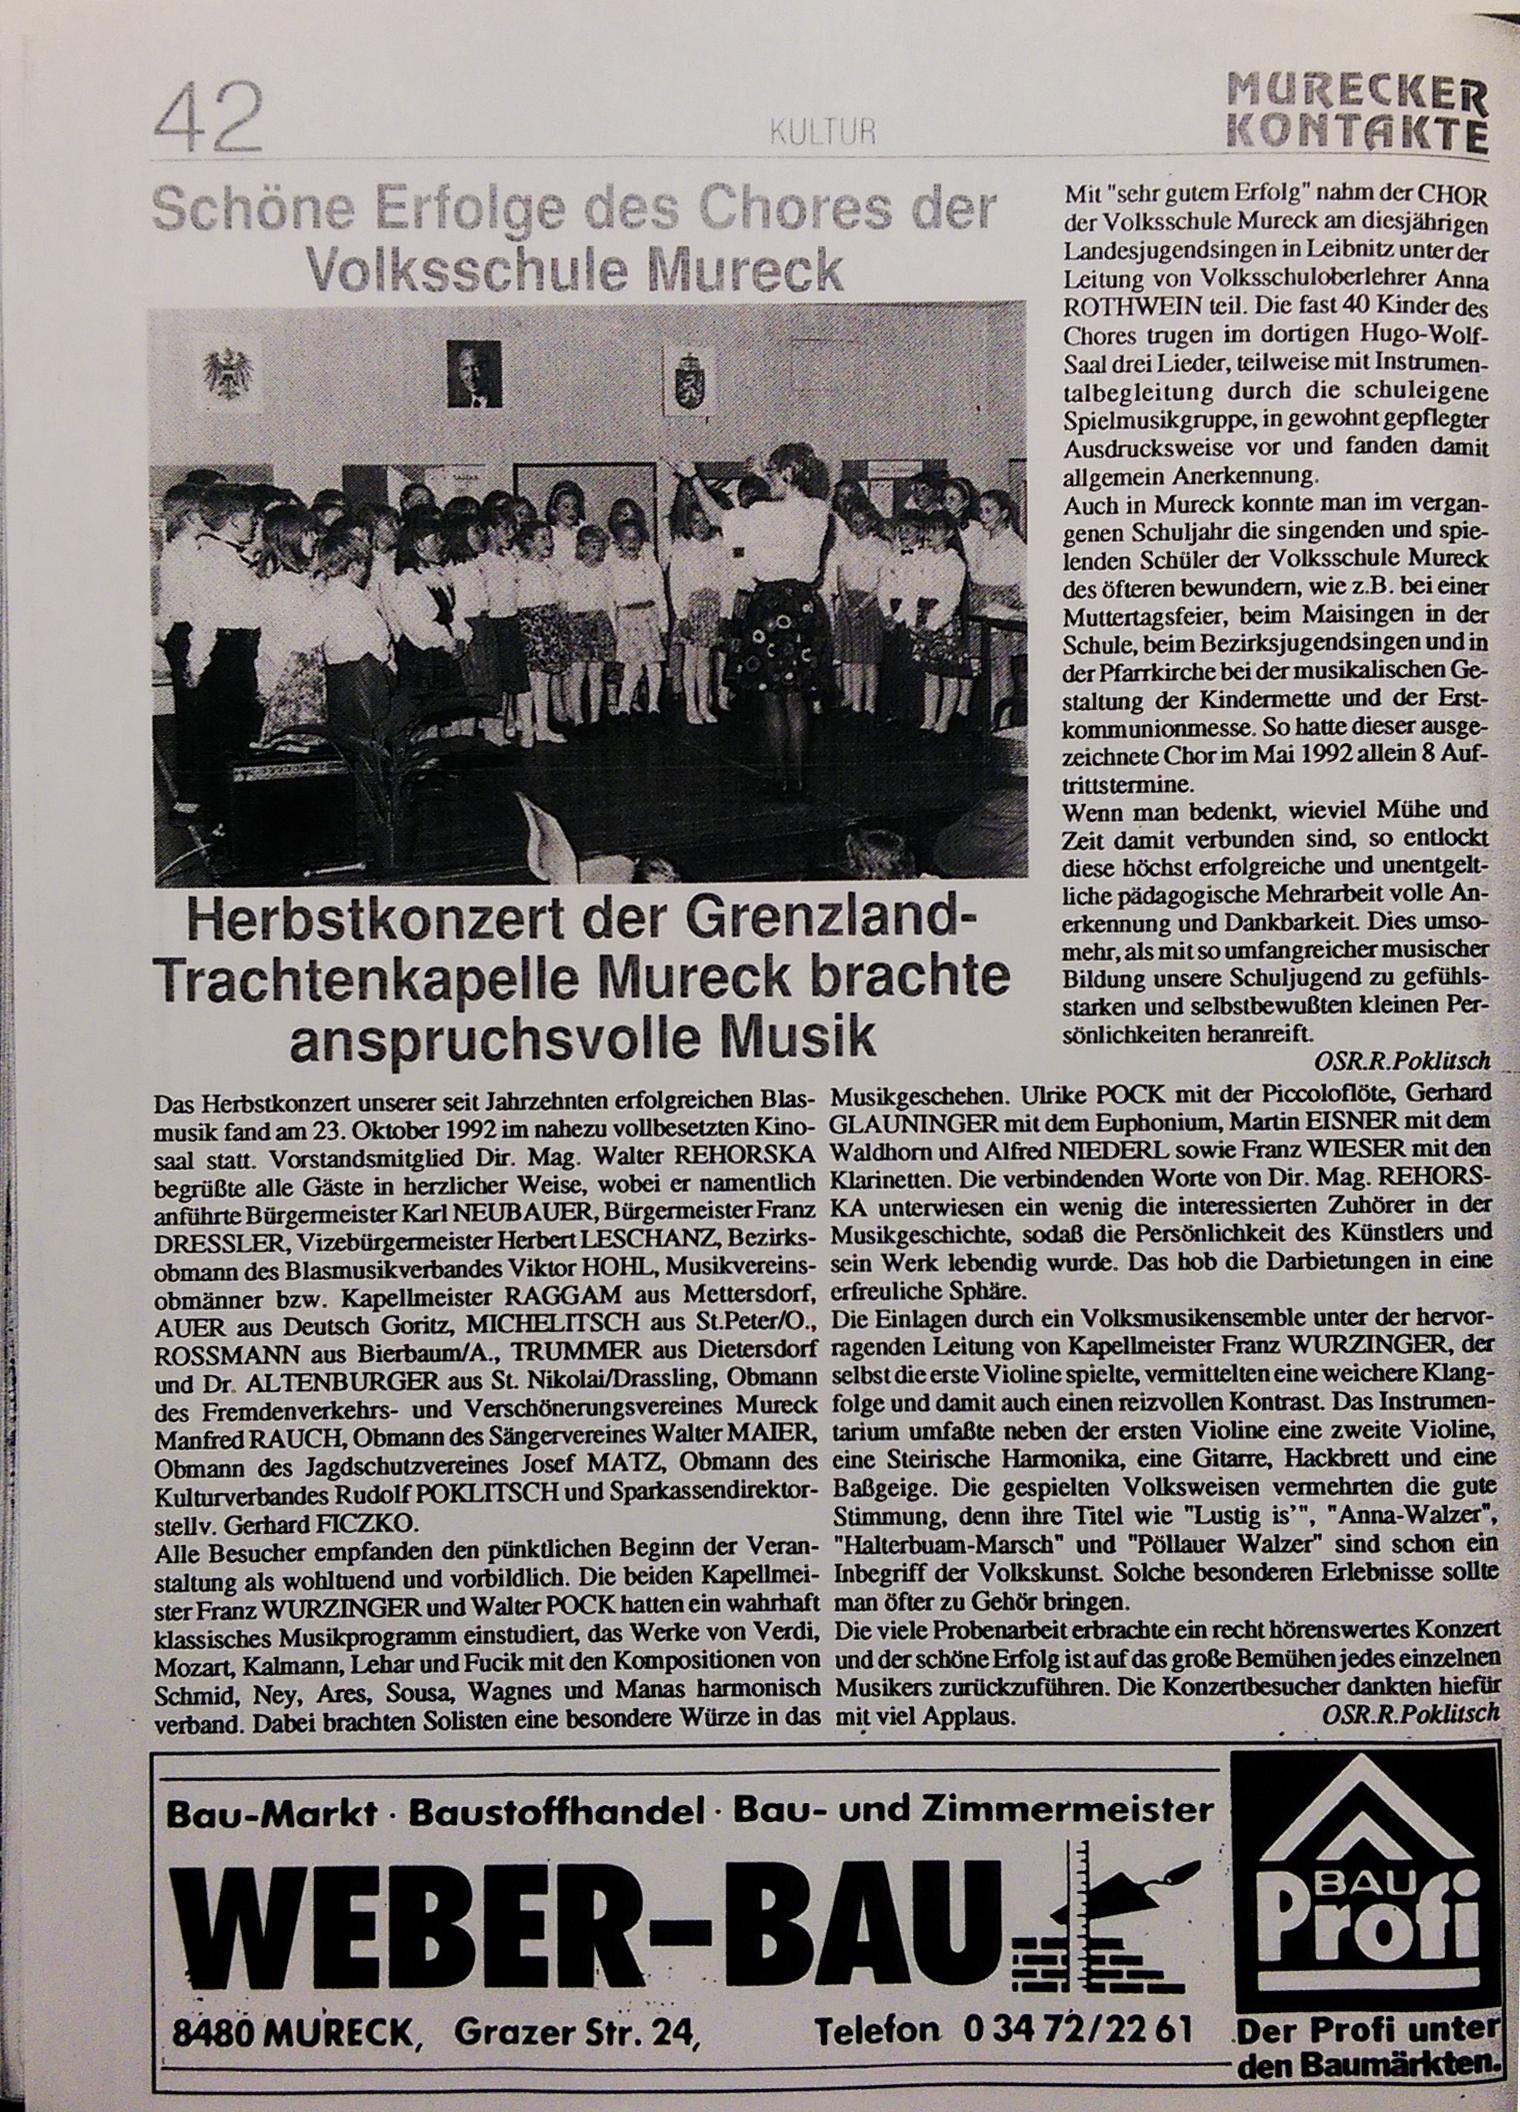 1992 Murecker Kontakte